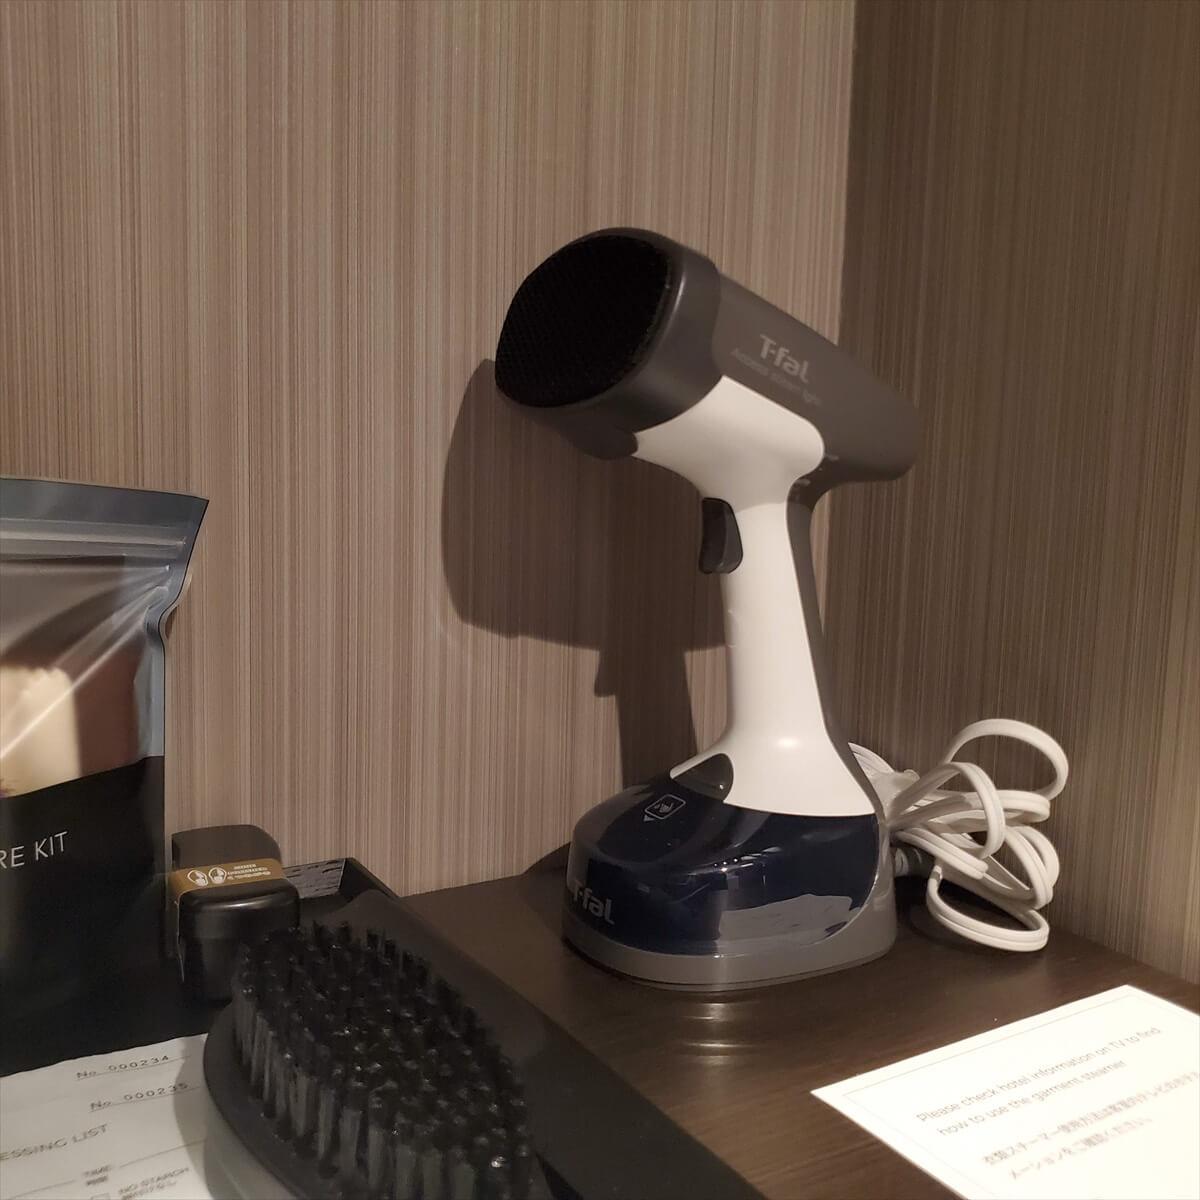 ACホテル銀座のプレミアスーペリアキングに置いてあるティファールの衣類スチーマー